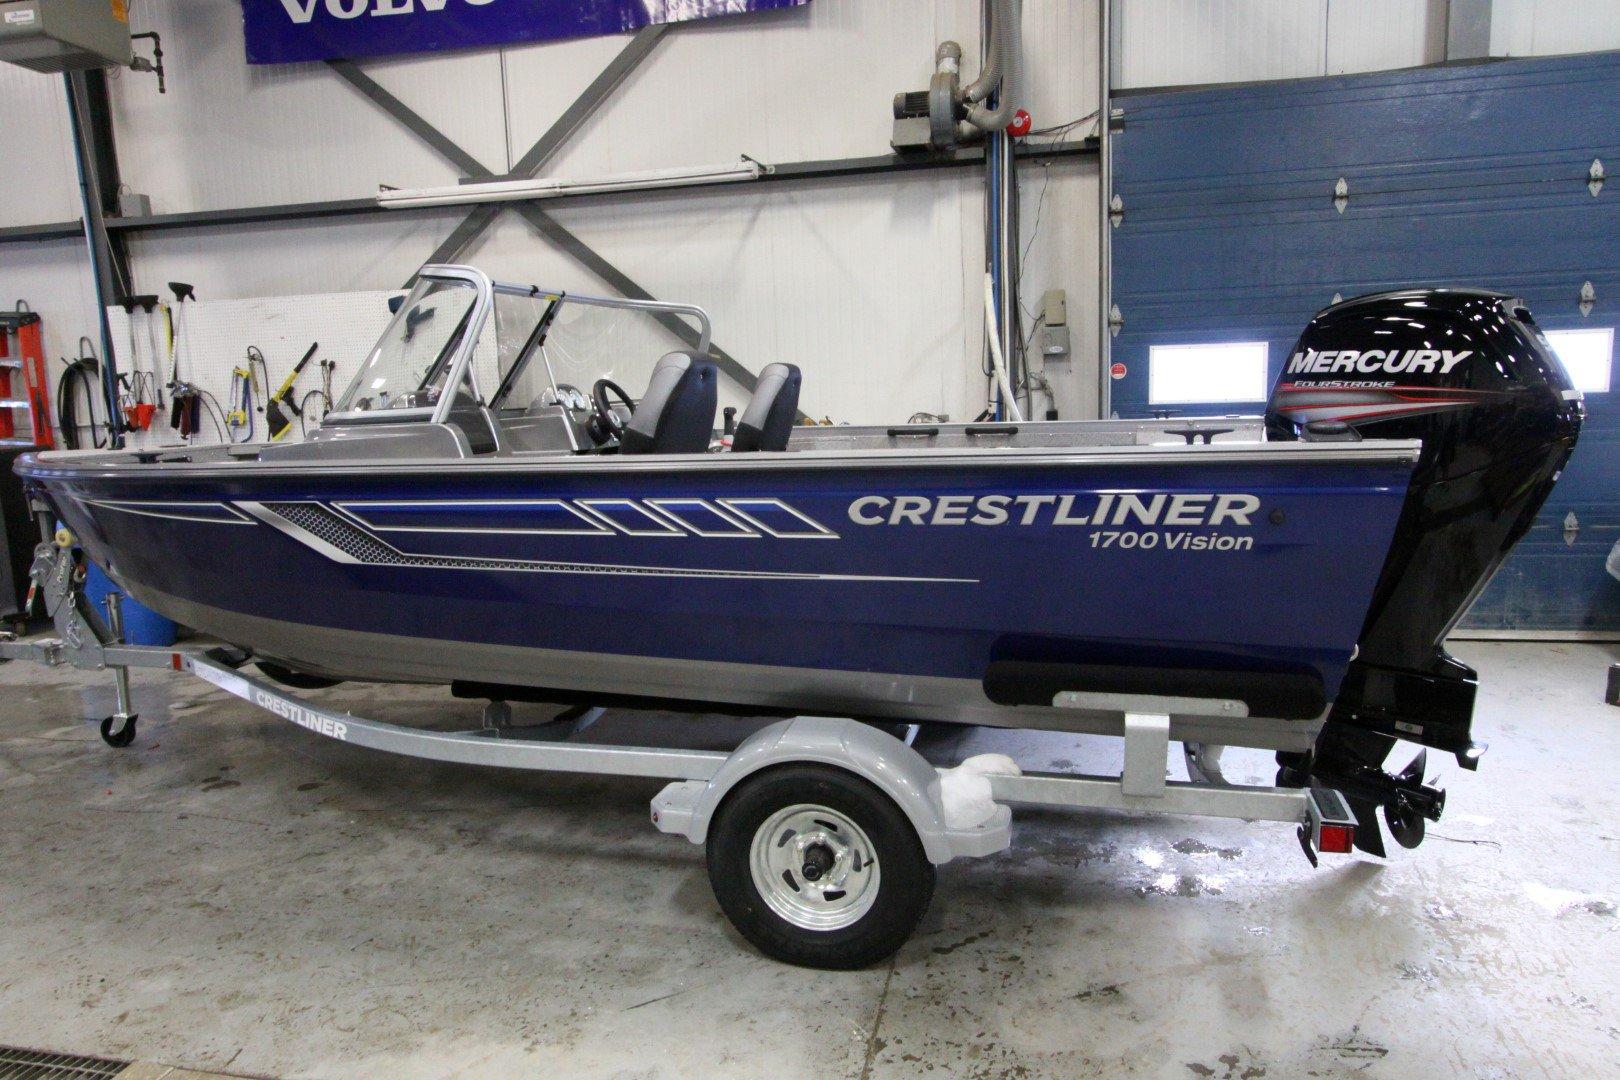 Crestliner Vision 1600 - IMG_9408